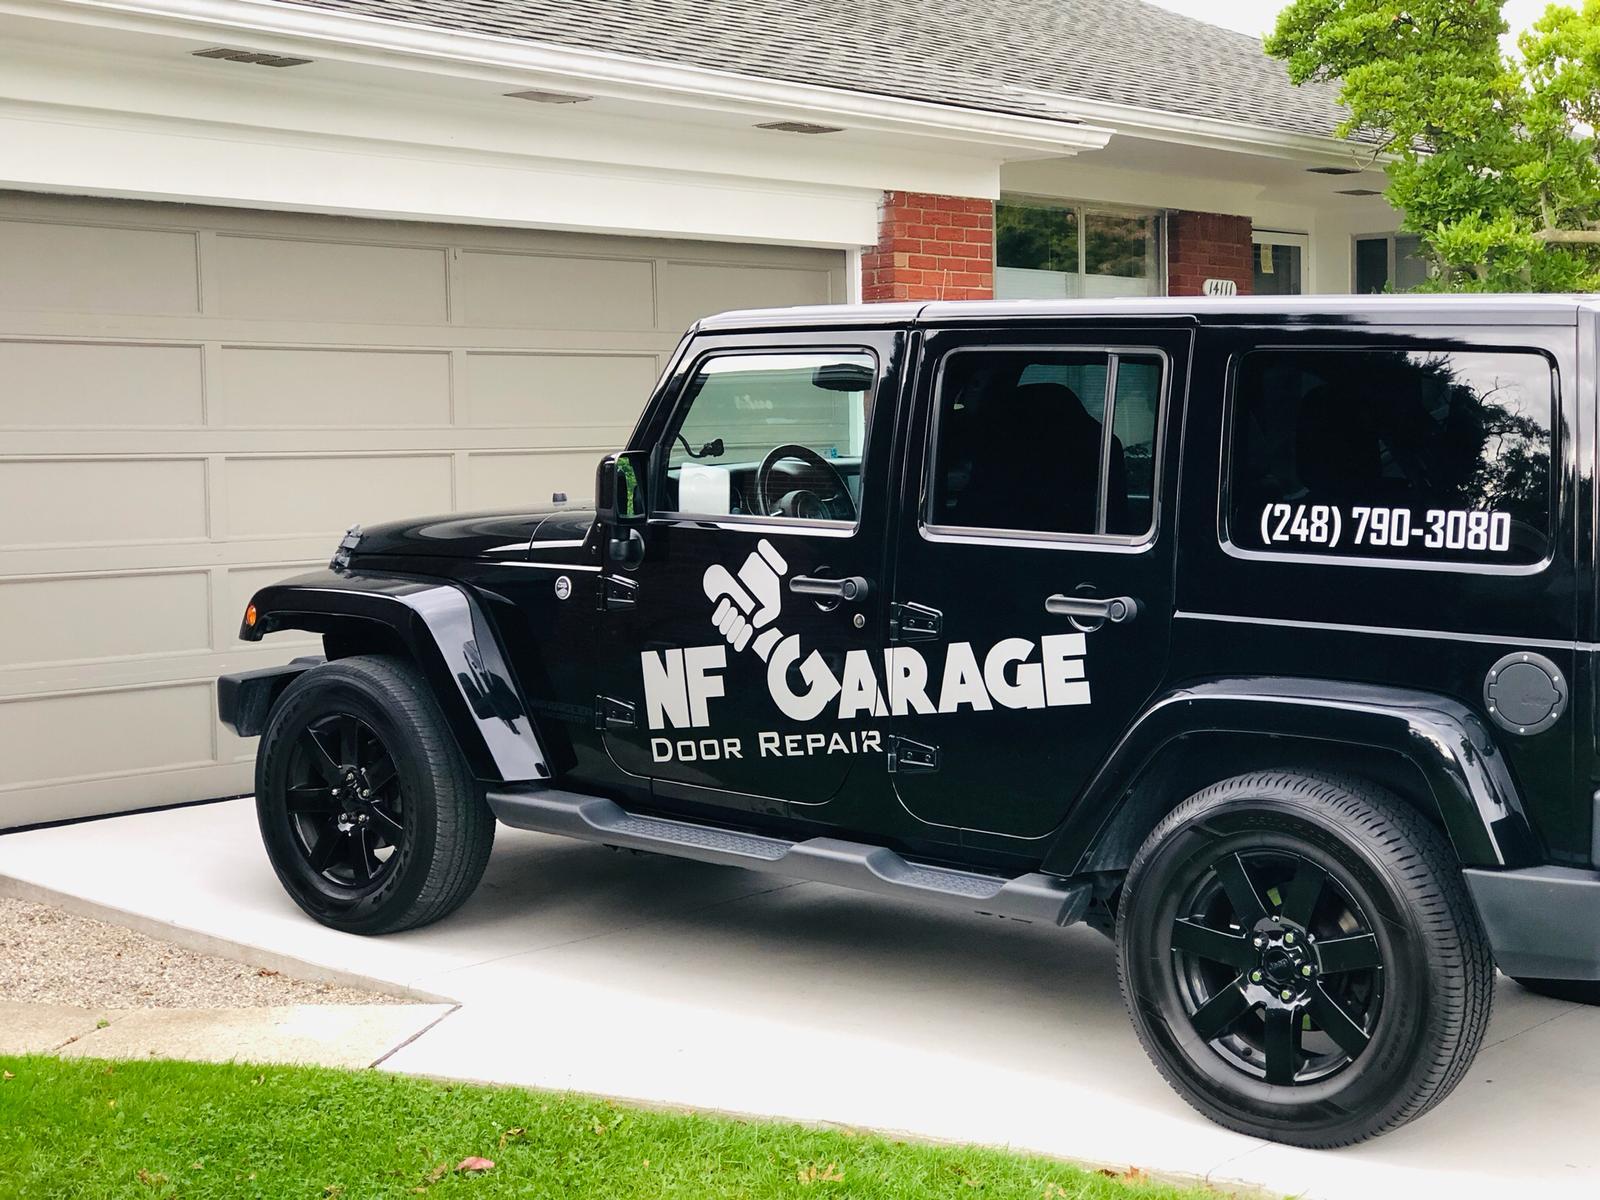 The garage door repair experts